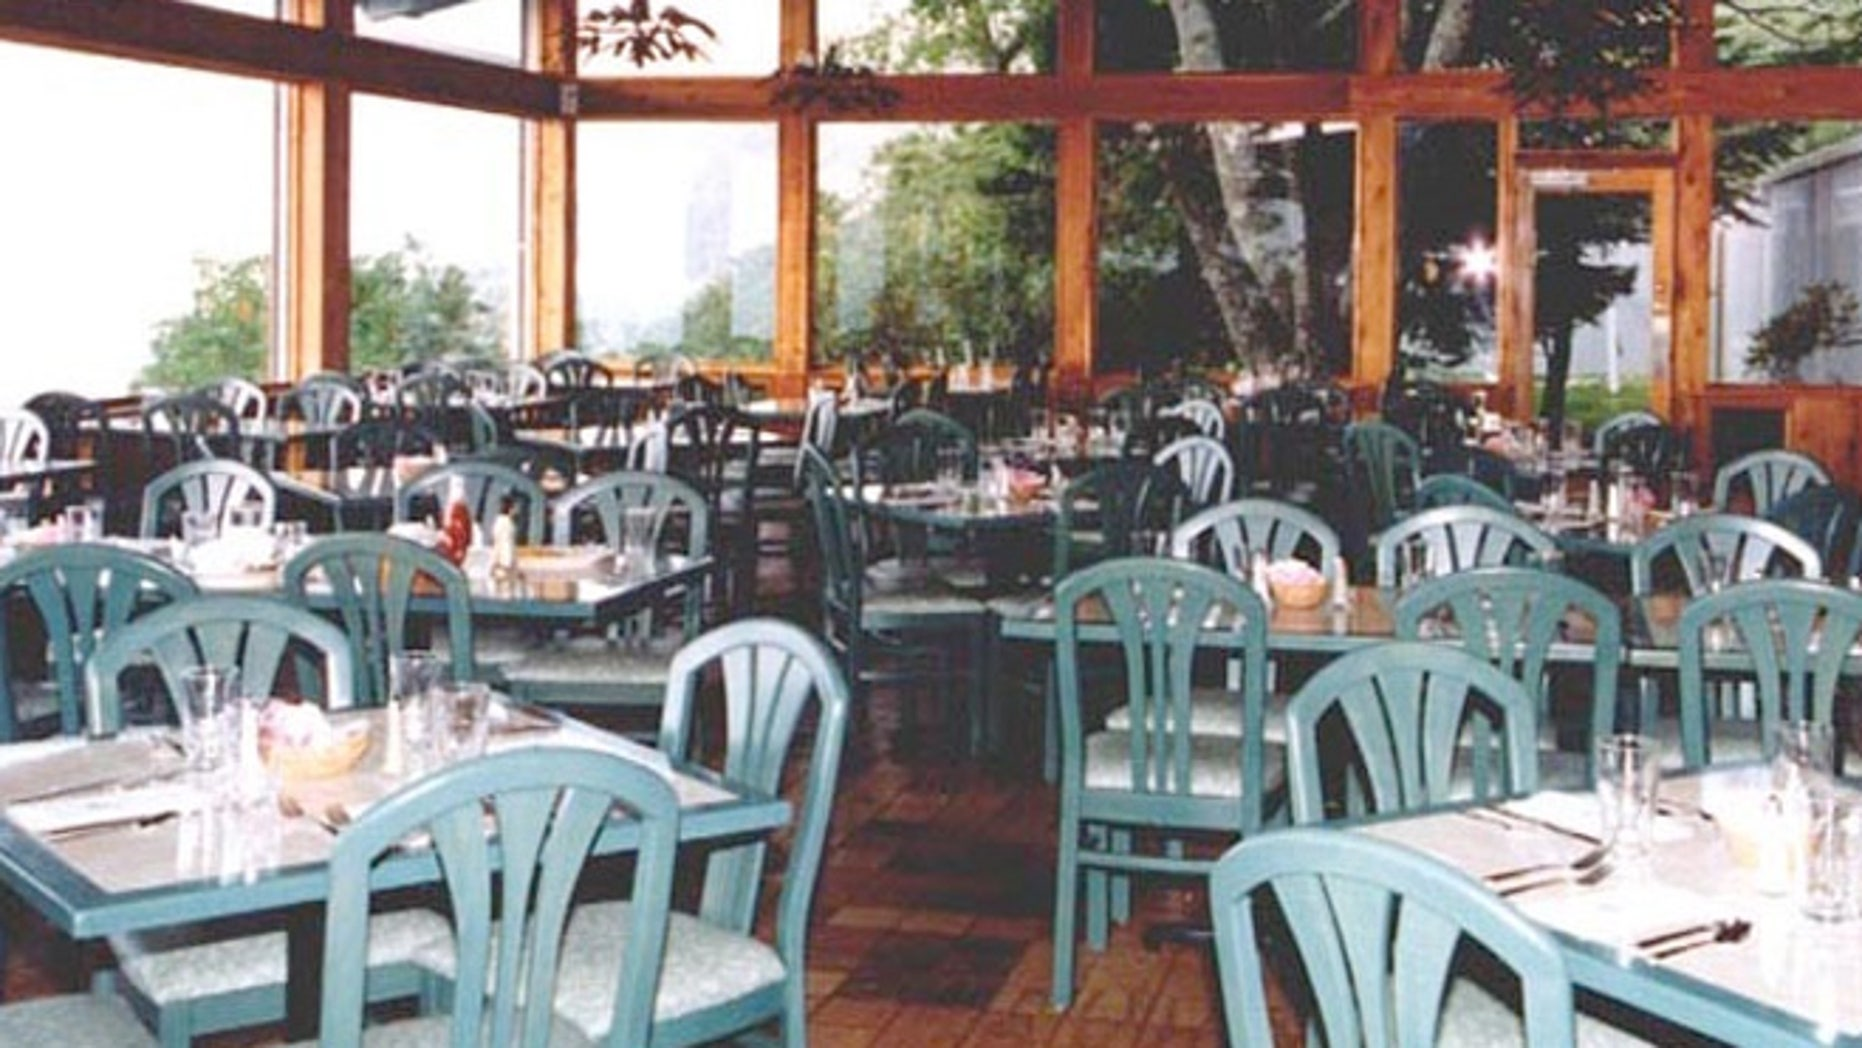 Dinig room at the Pisgah Inn in North Carolina.